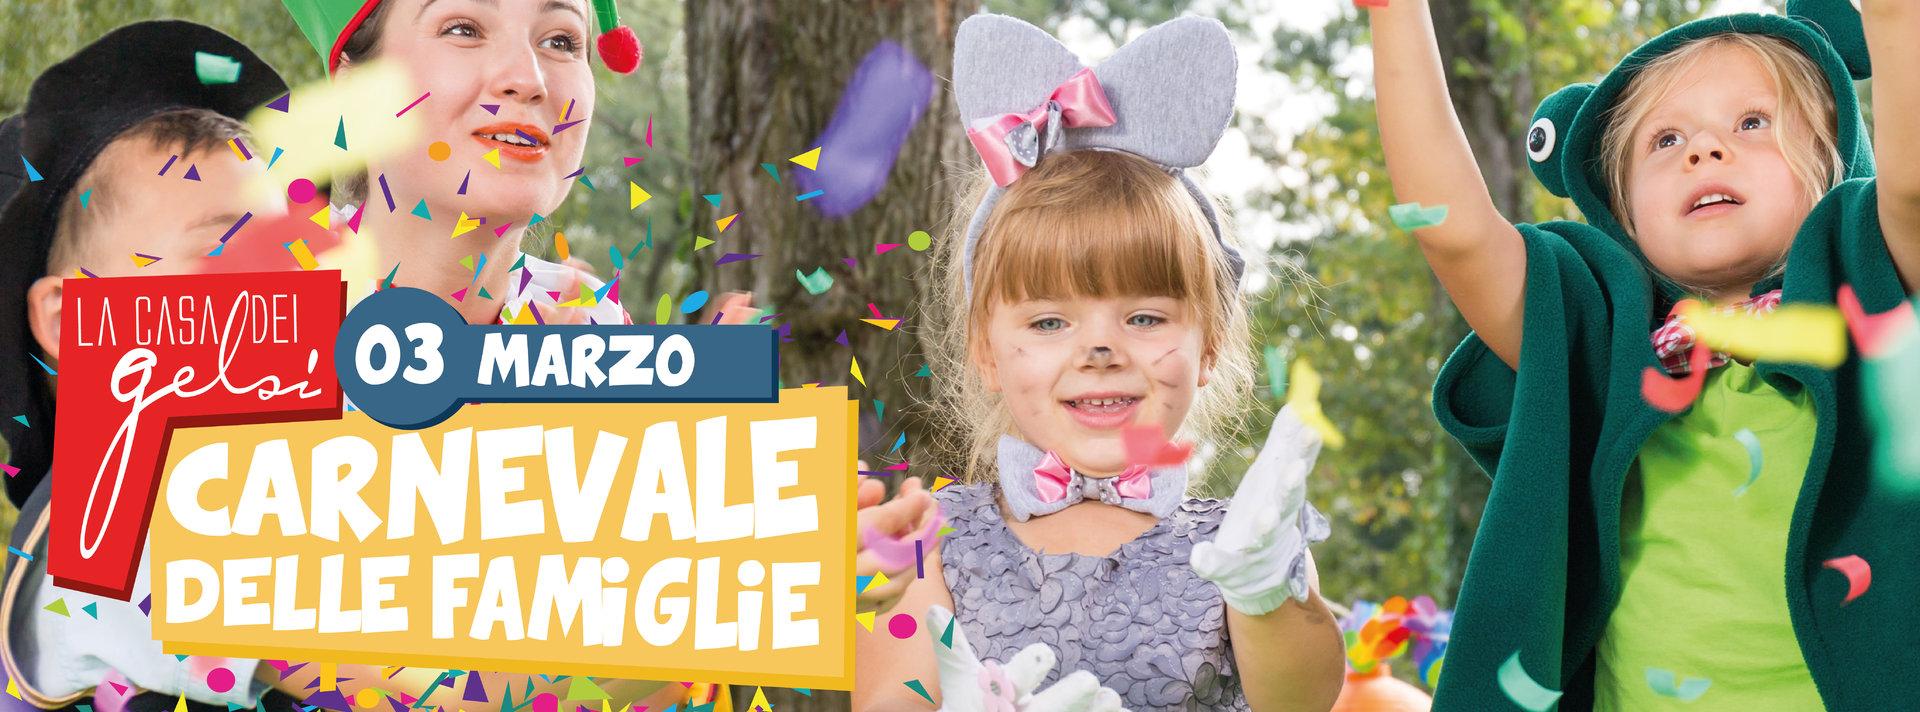 Carnevale delle famiglie Gelsi - 3 marzo